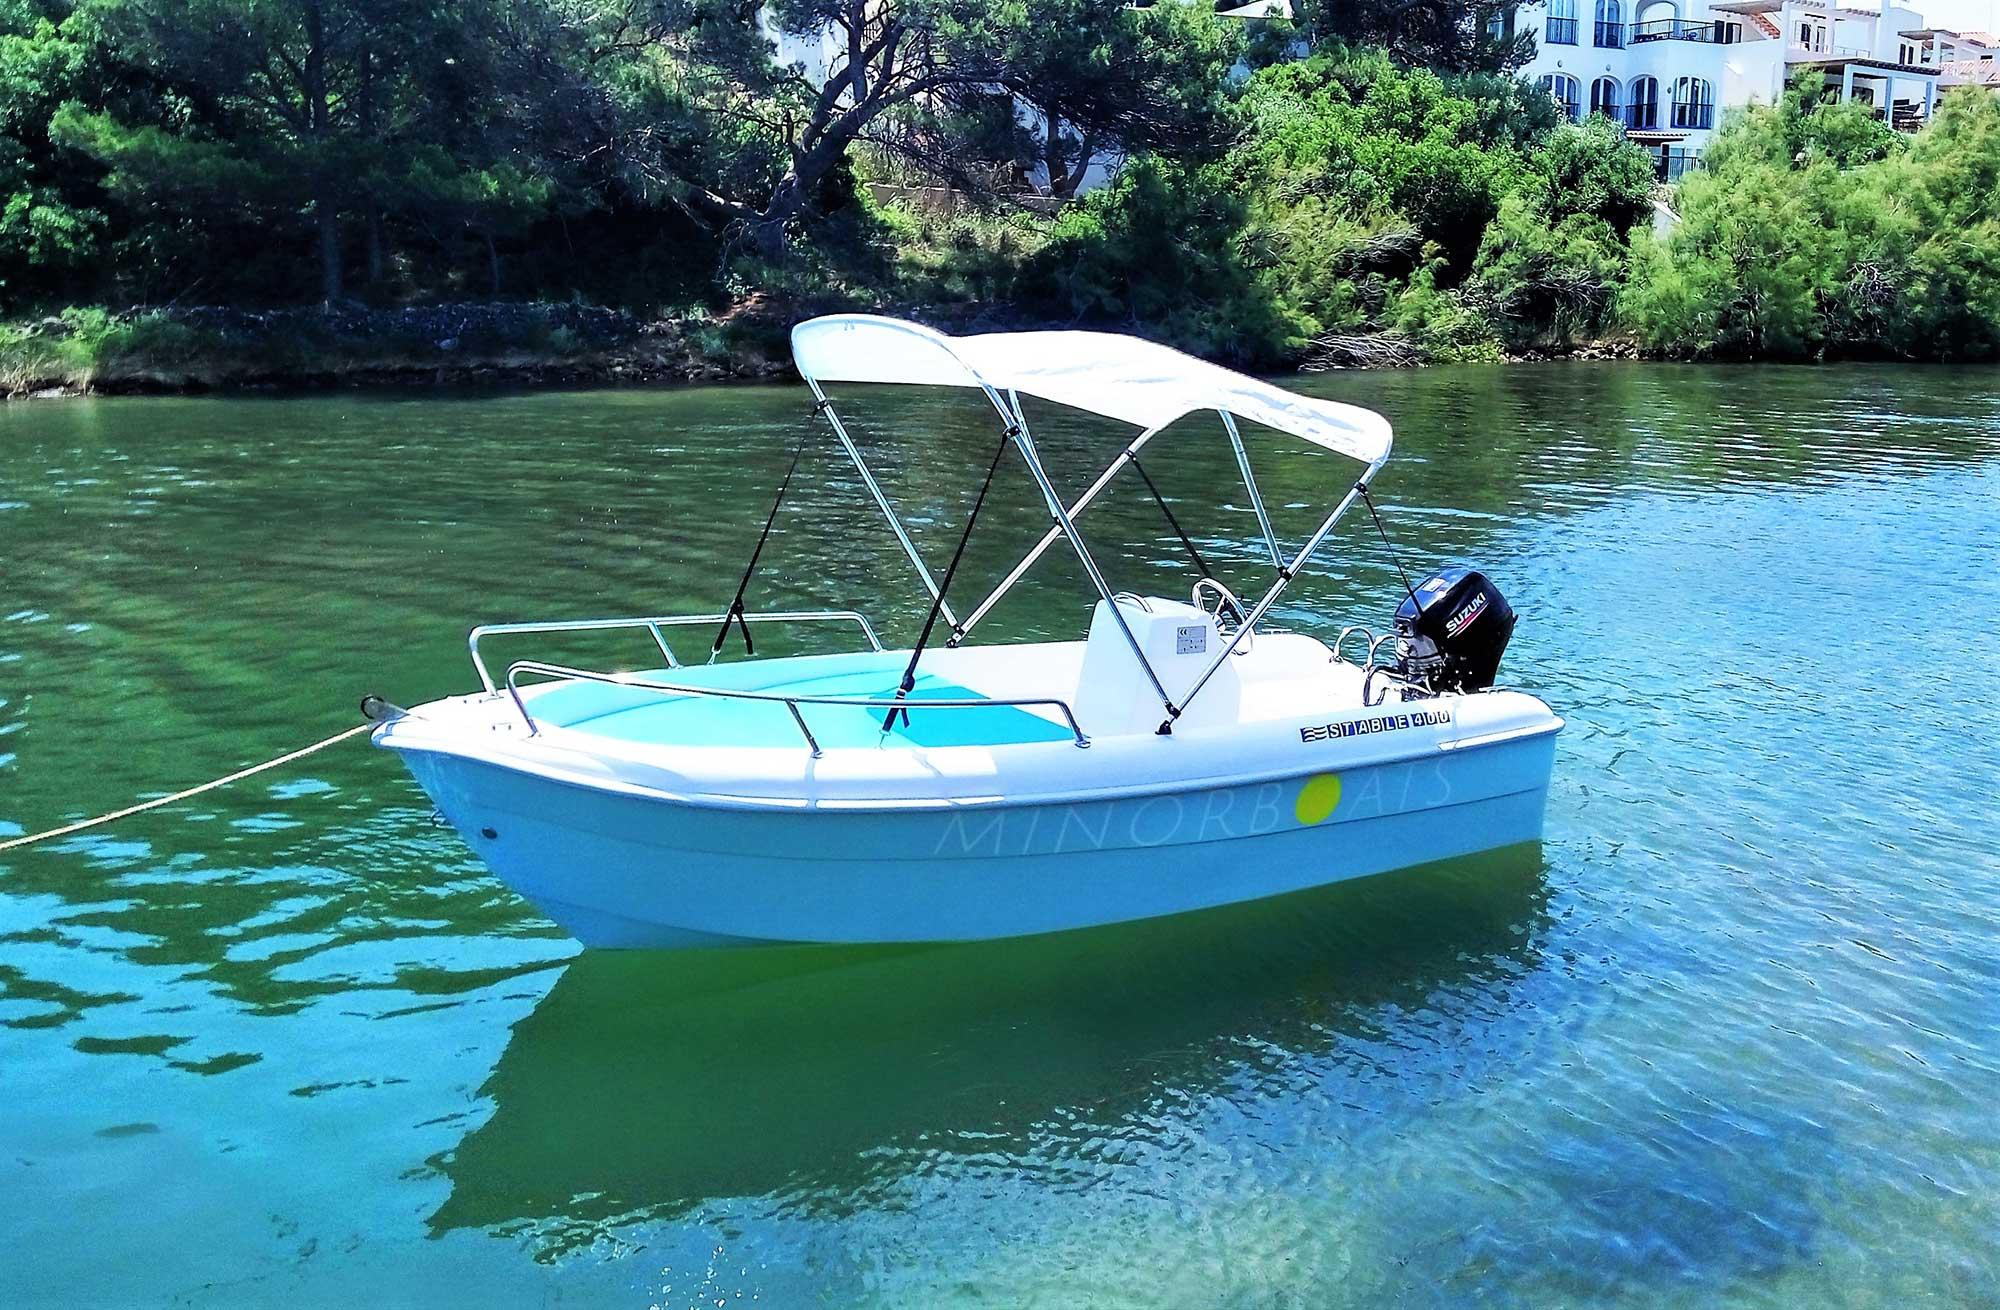 Alquiler Barcos Sin Título En Menorca Con Minorboats